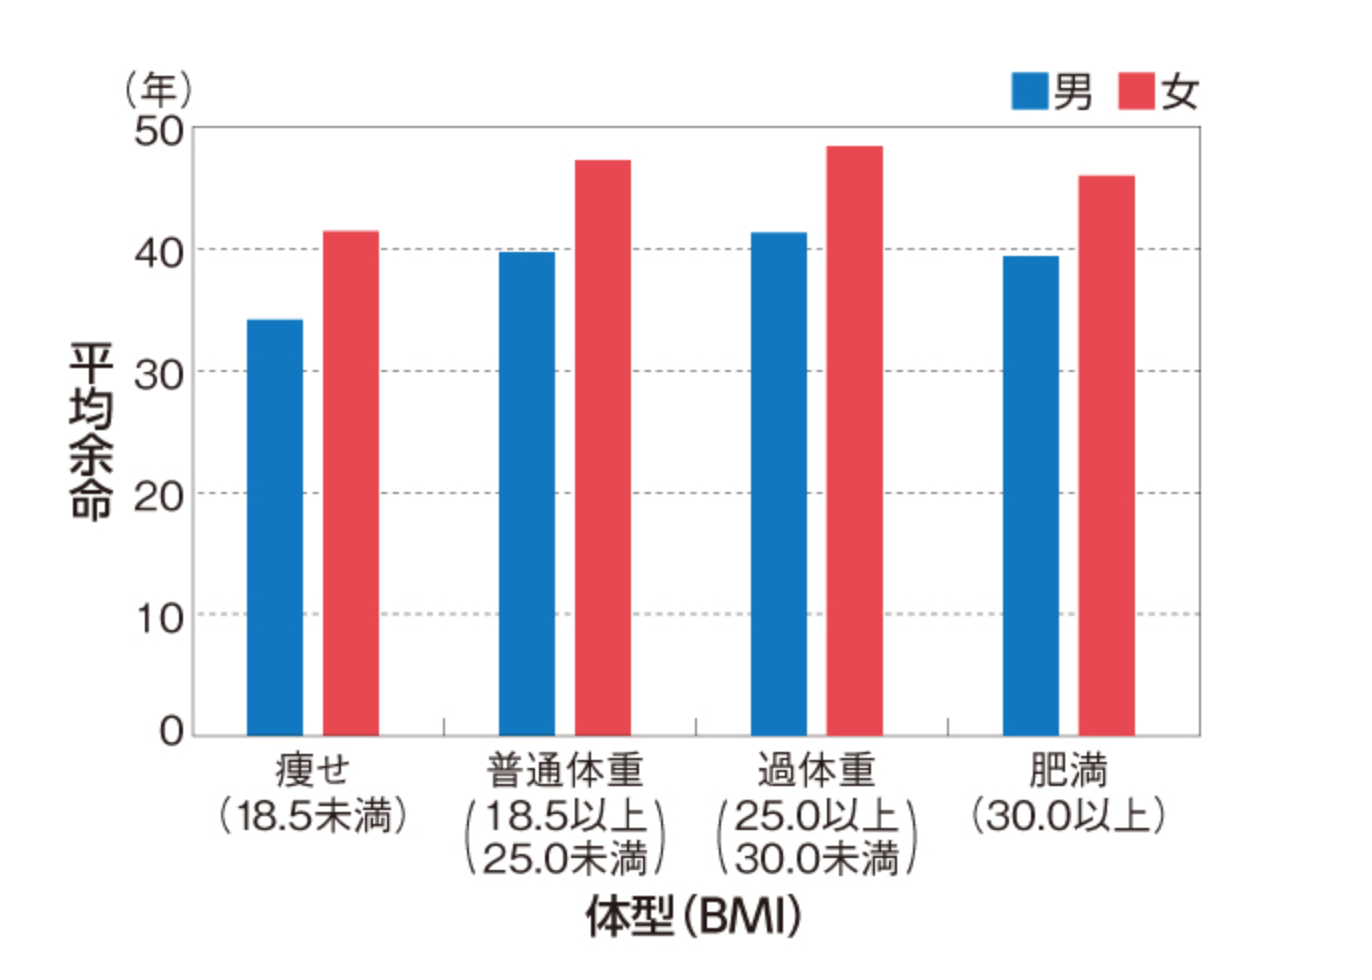 BMI 平均余命